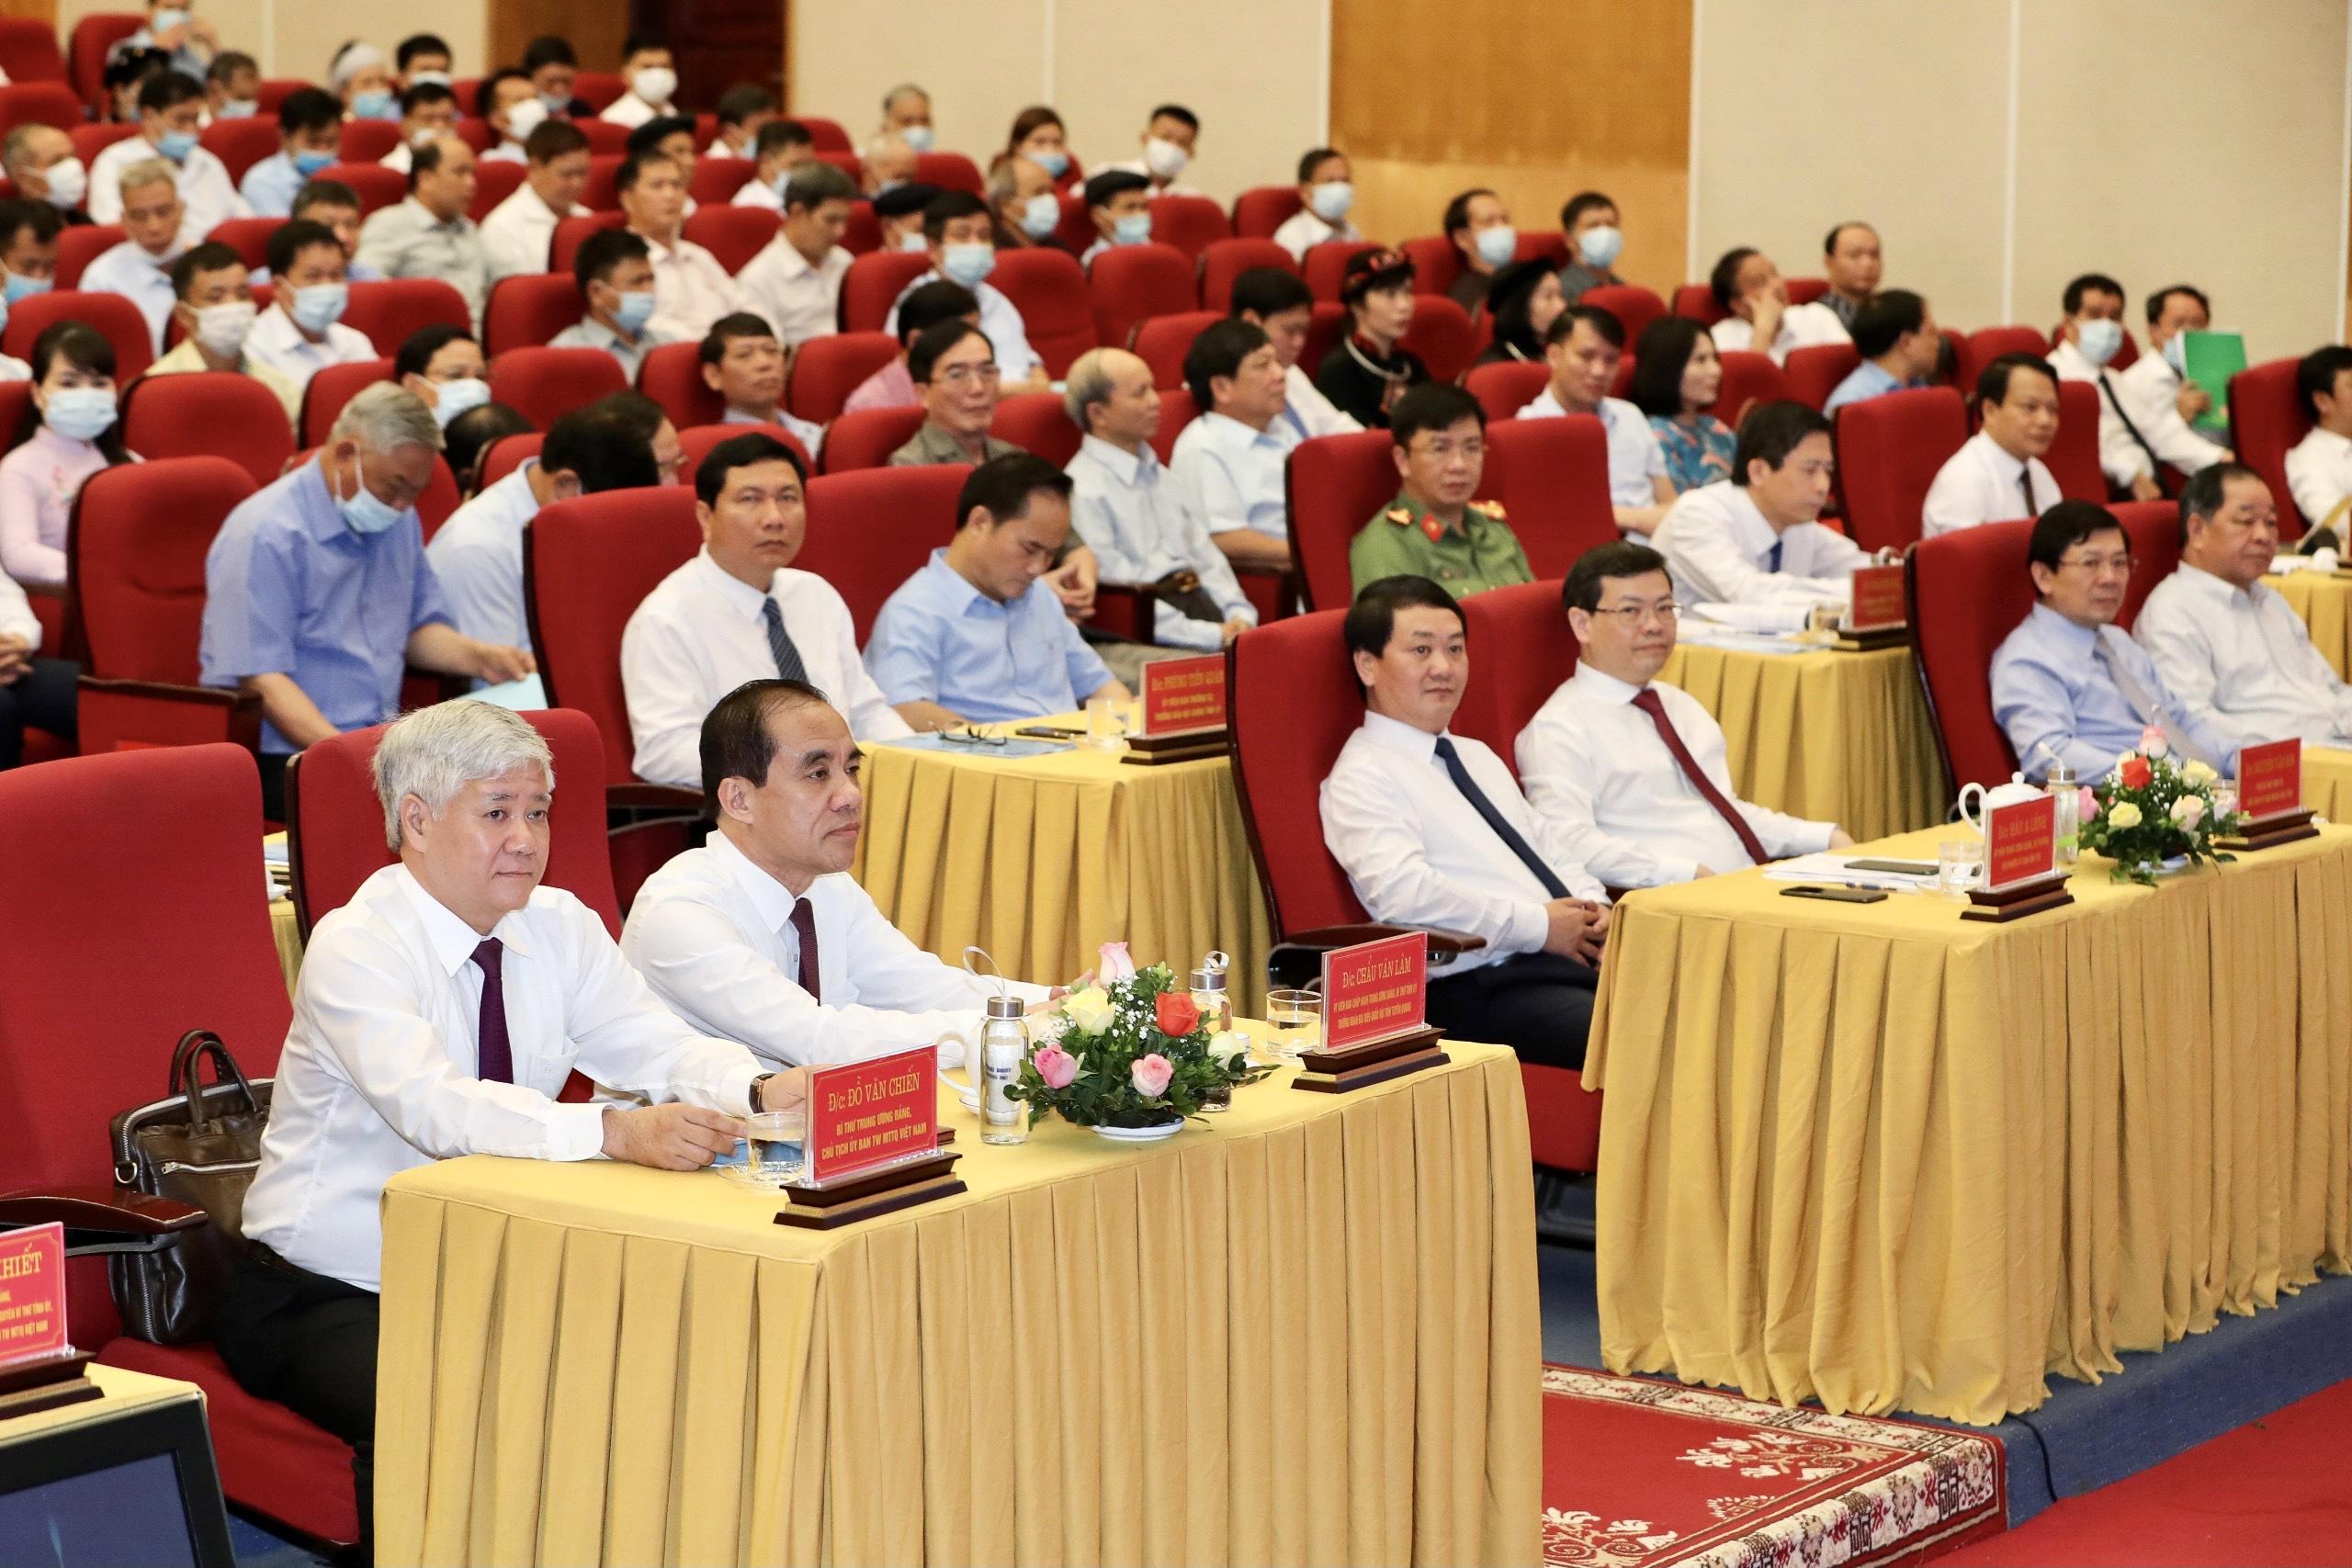 Bí thư Trung ương Đảng, Chủ tịch Ủy ban Trung ương Mặt trận Tổ quốc Việt Nam Đỗ Văn Chiến, Bộ trưởng, Chủ nhiệm UBDT Hầu A Lềnh cùng các đại biểu dự Hội nghị.